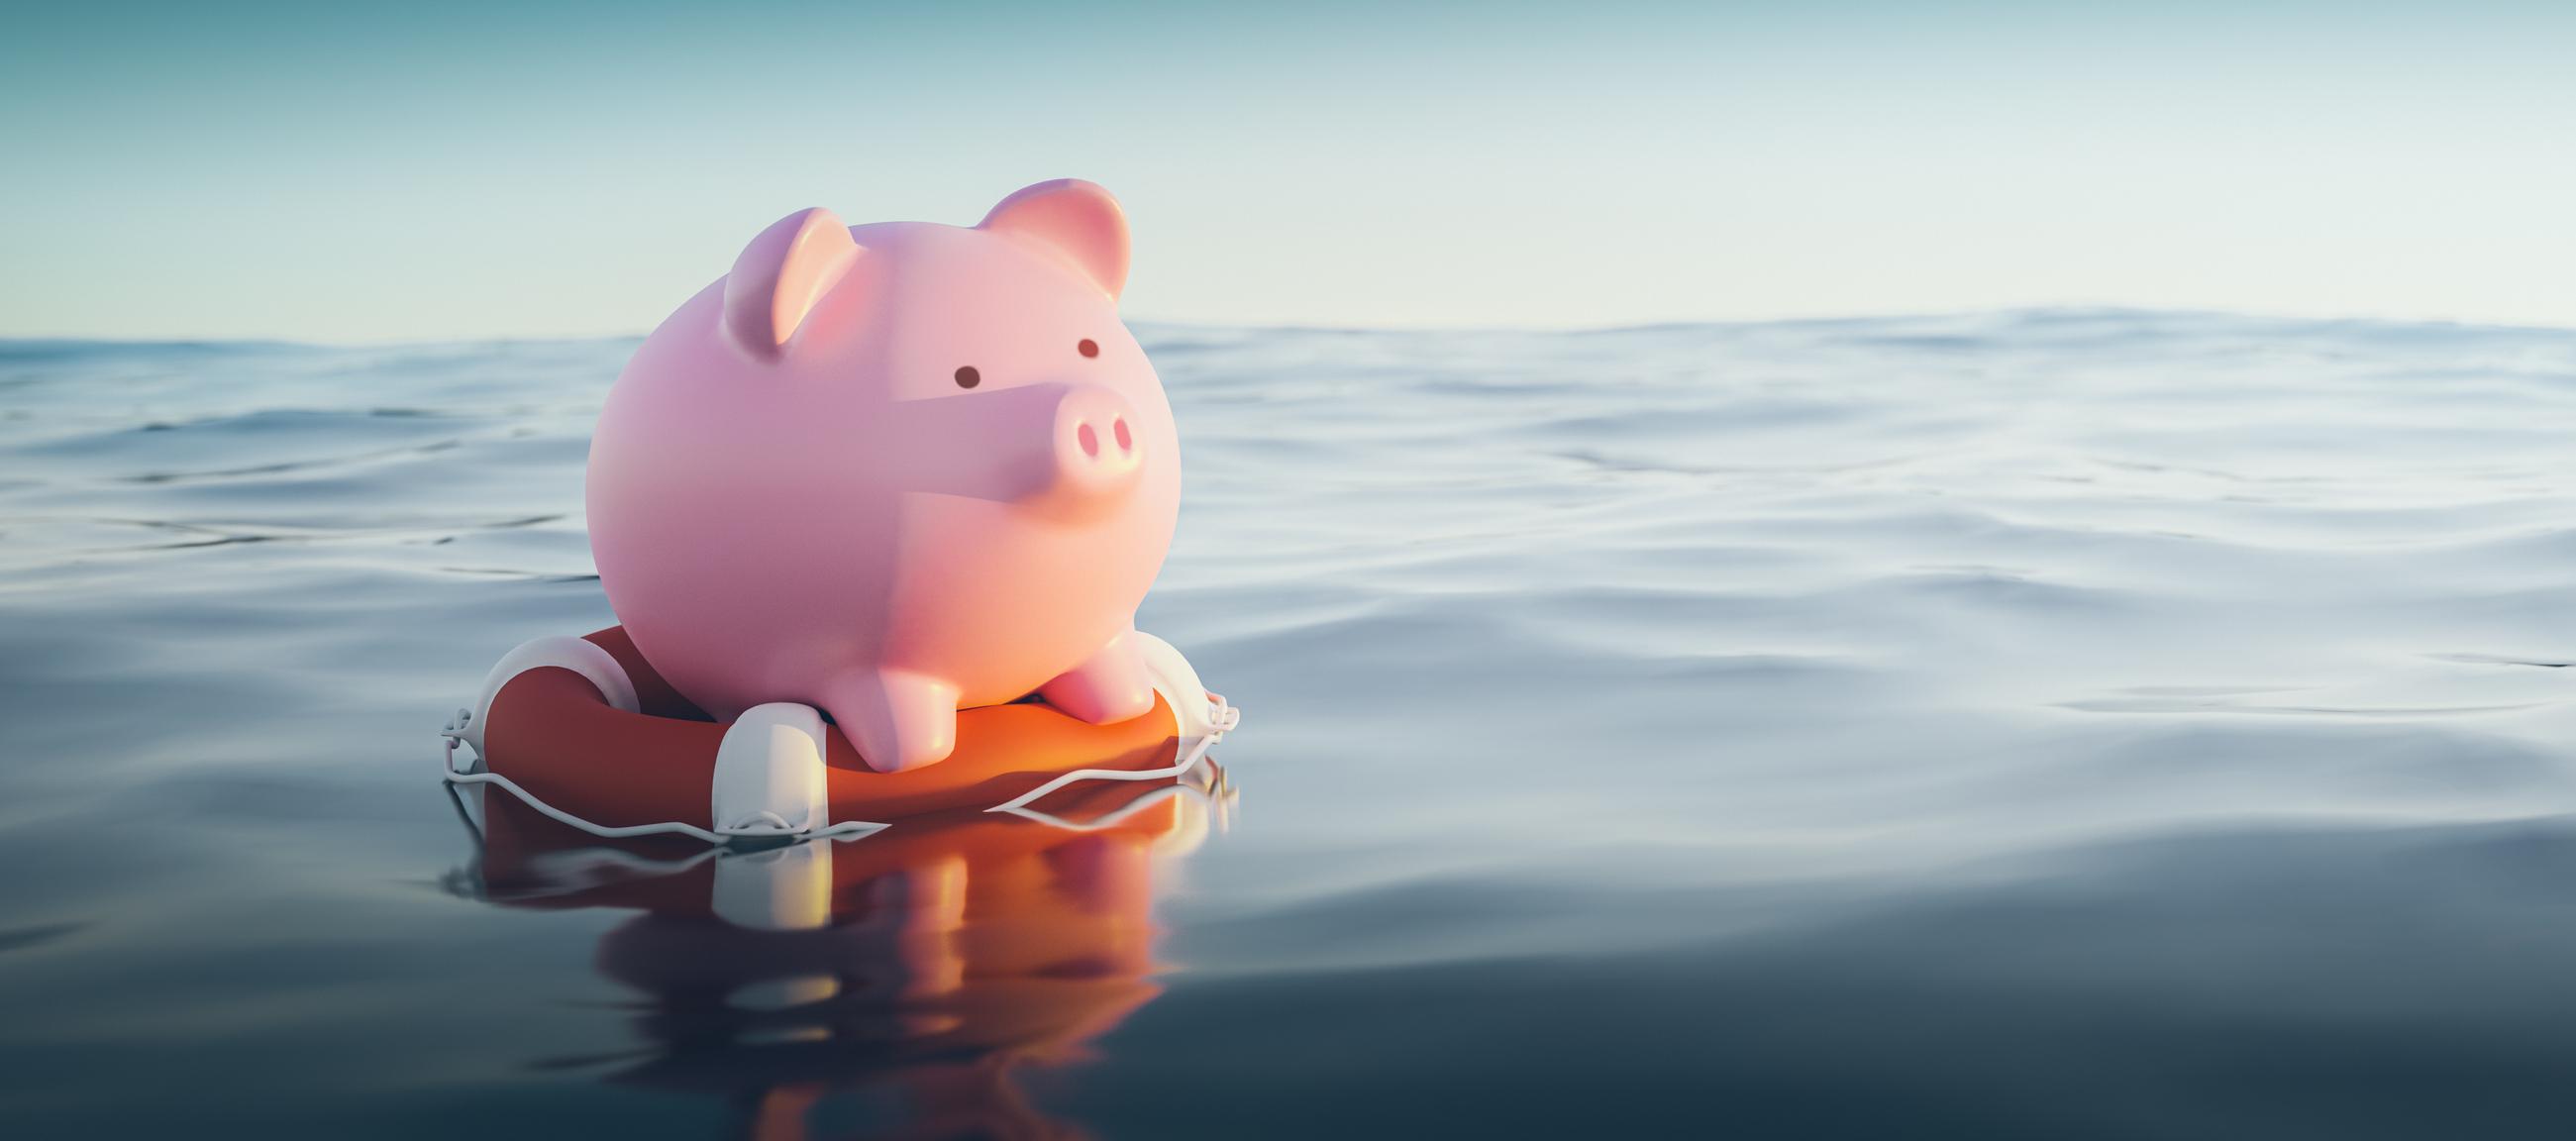 Αύγουστος 2020: Ποια ζώδια θα έχουν οικονομική εύνοια;